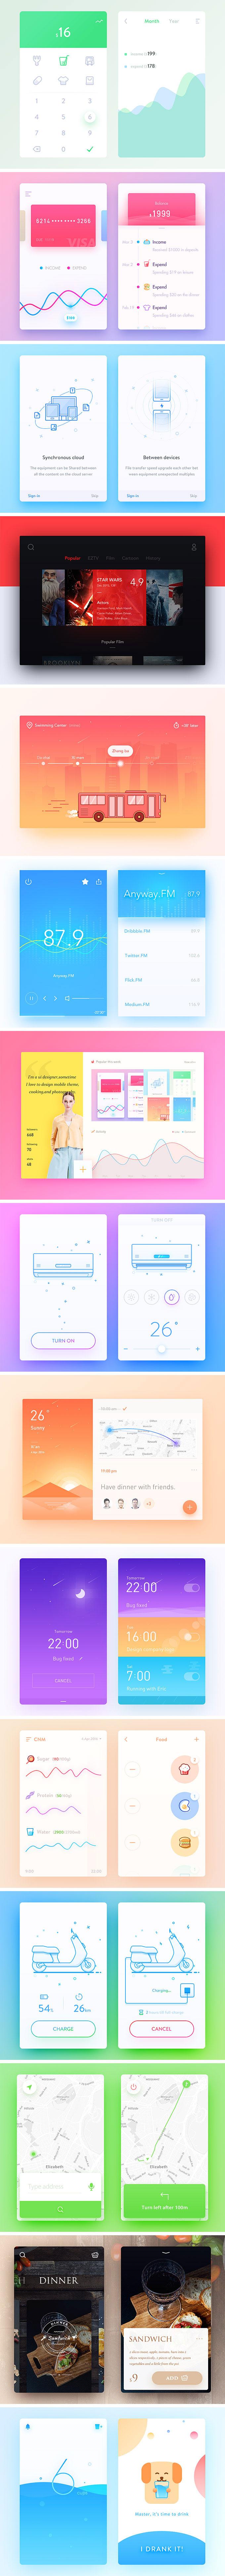 富有灵感的,免费多彩UI Kits套装下载[PSD]